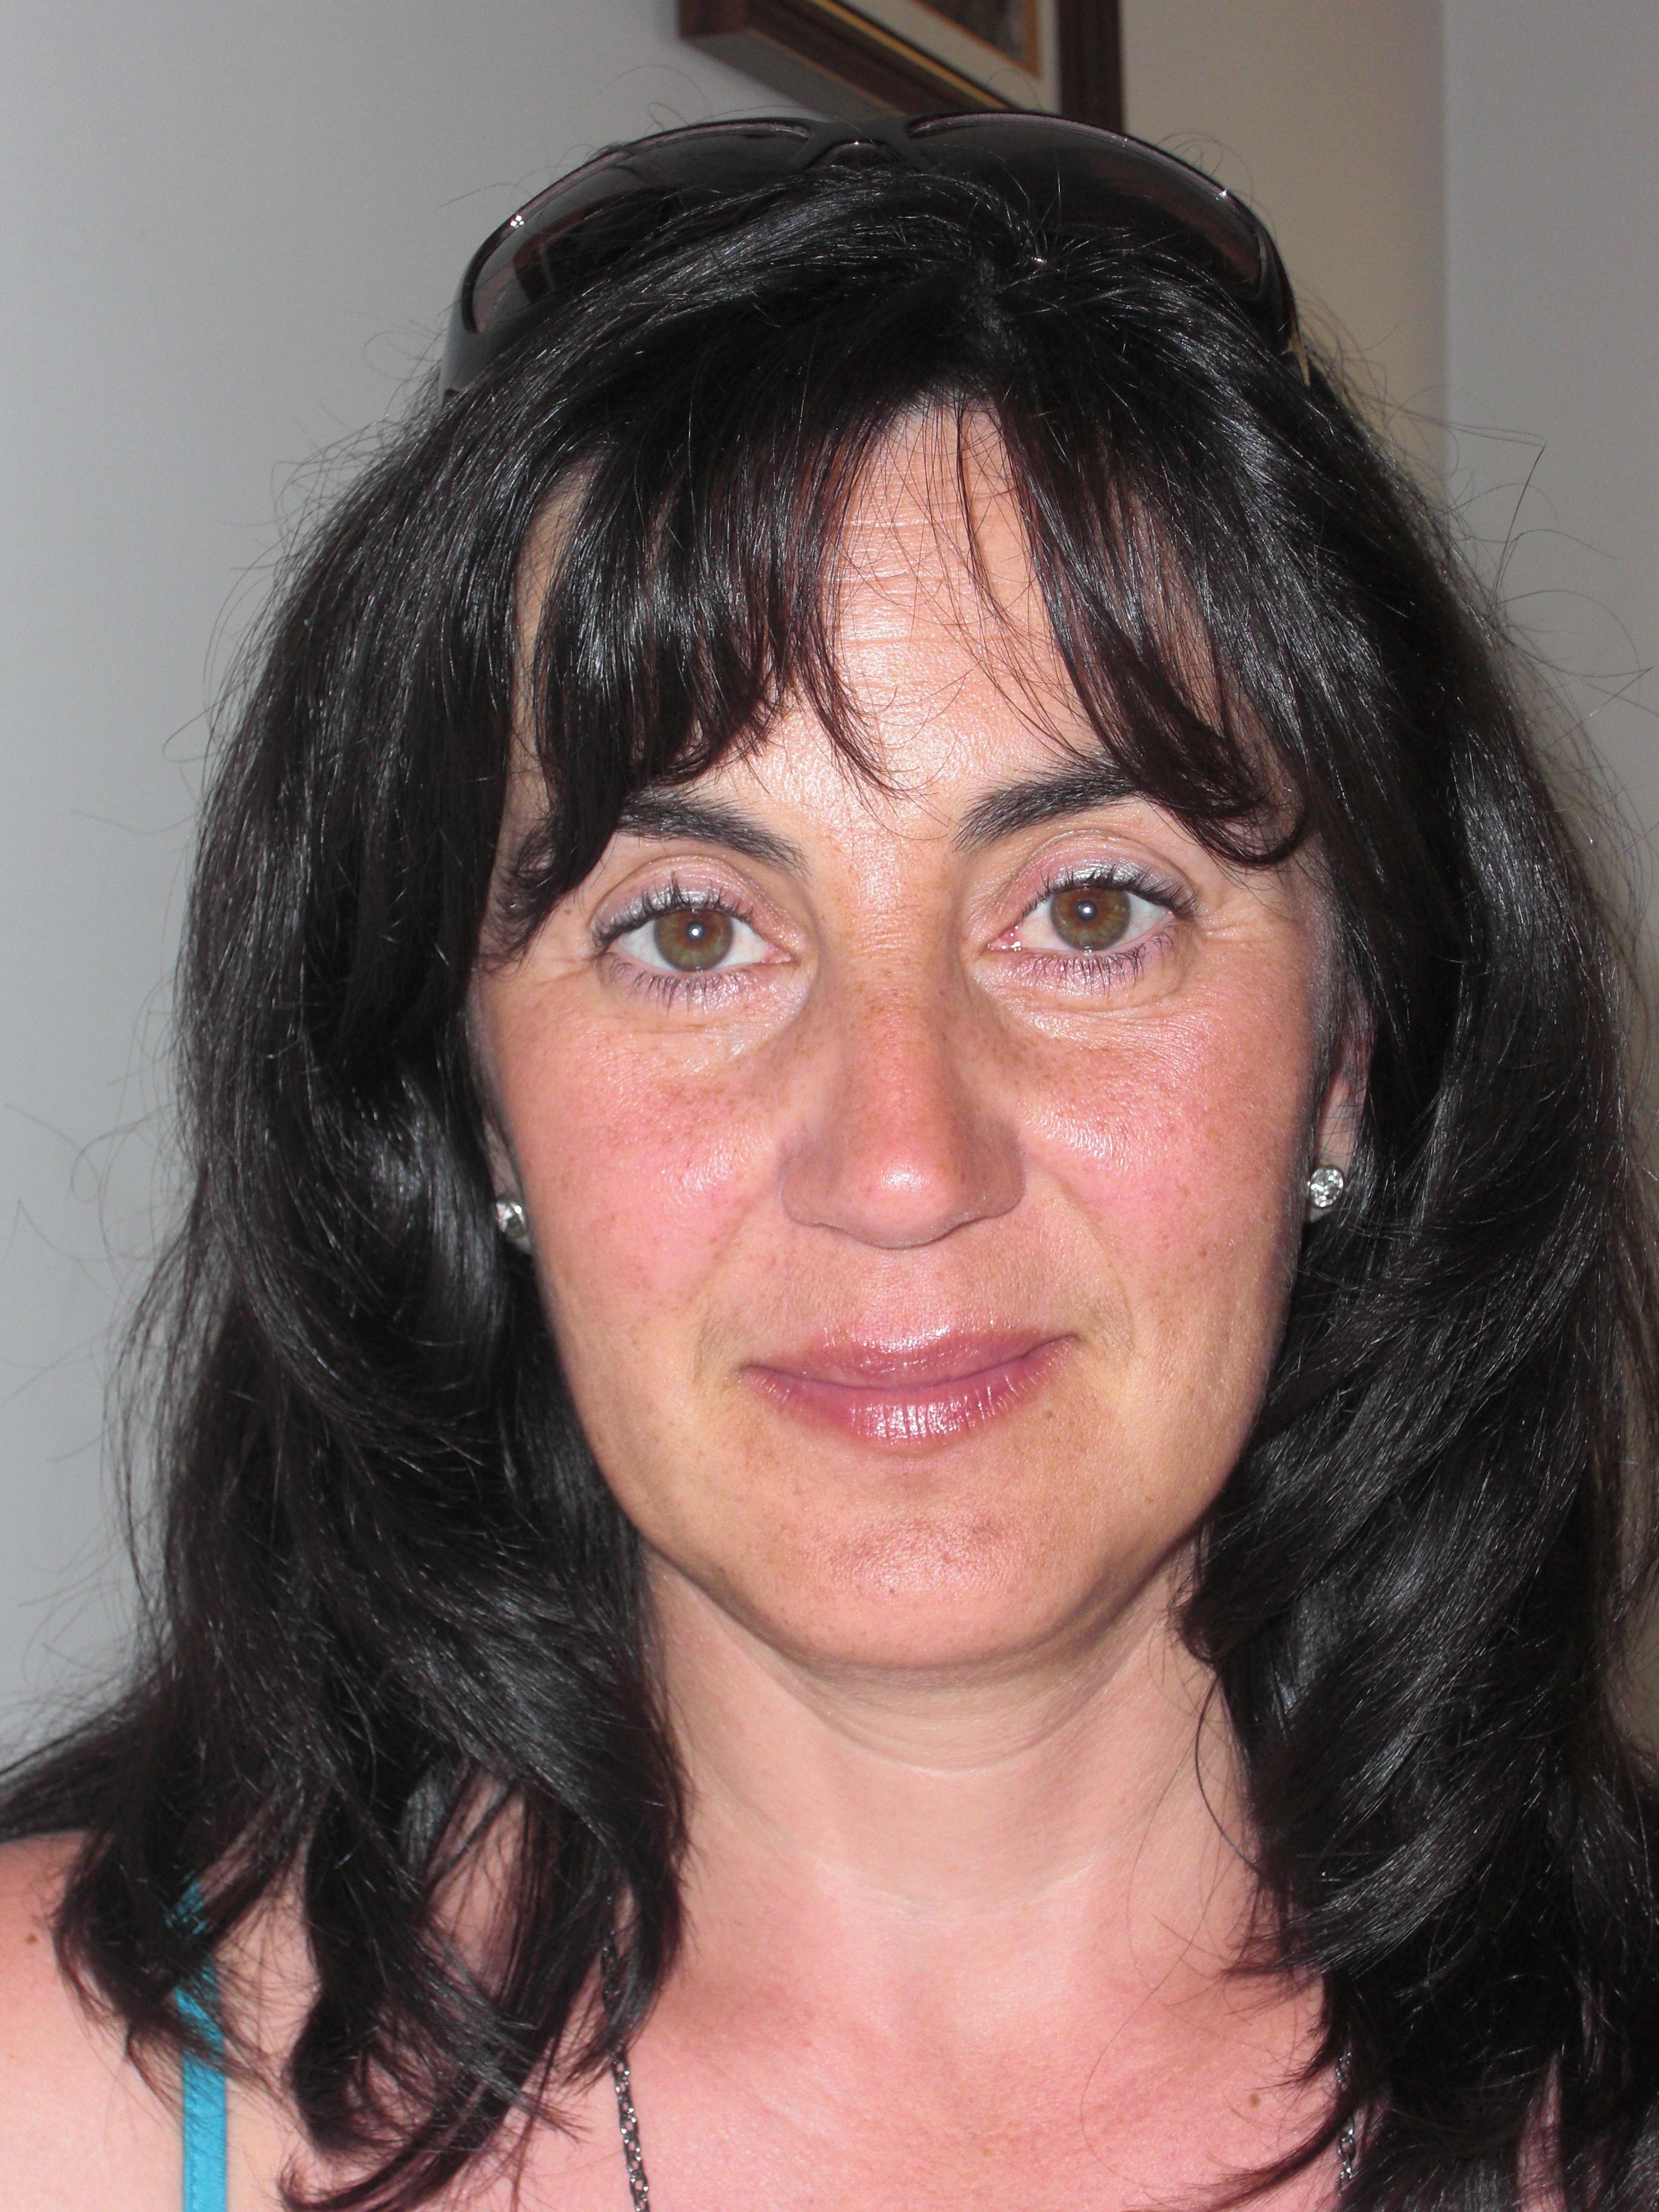 Mimi Schmidt